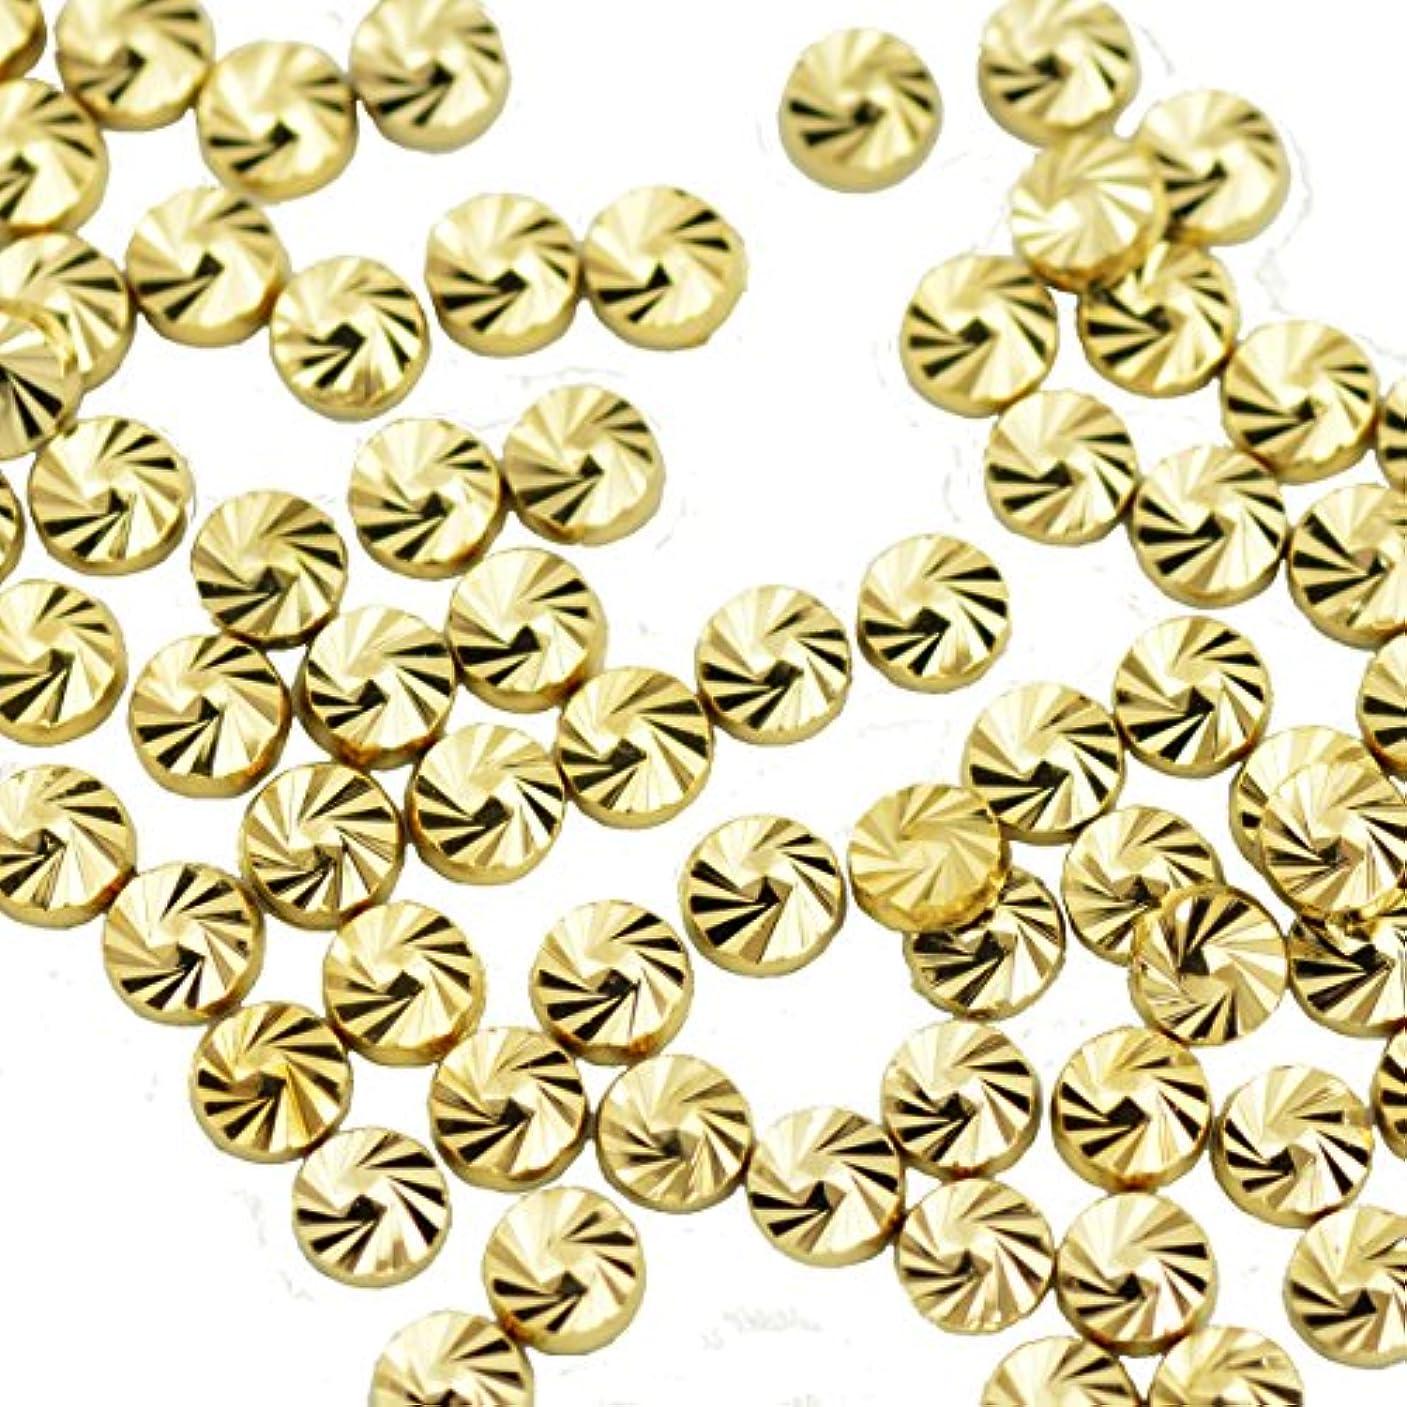 服マインドフル投げるBuddy Style ネイルパーツ デコパーツ スタッズ コインスタッズ ゴールド 1.8mm 20個